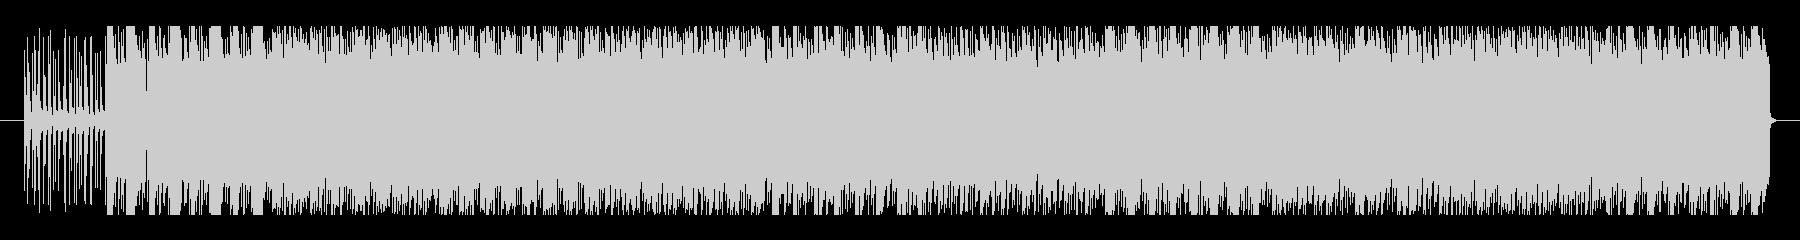 ポップな和製ラテンソングの未再生の波形